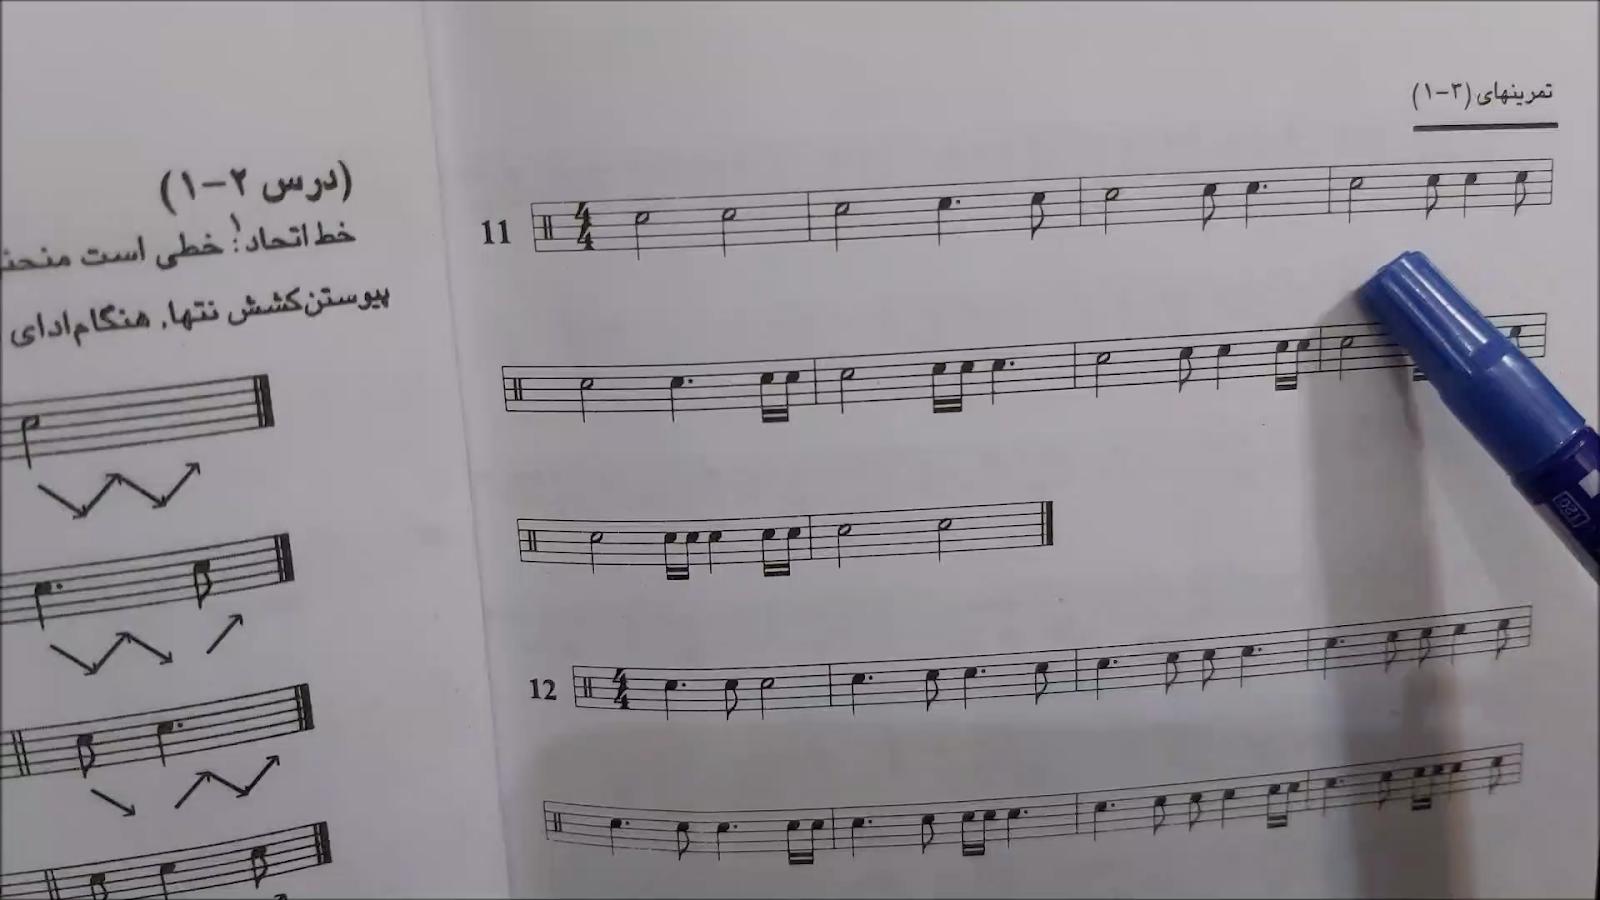 ۱۱ و ۱۲ وزنخوانی کتاب ریتم در موسیقی ایمان ملکی